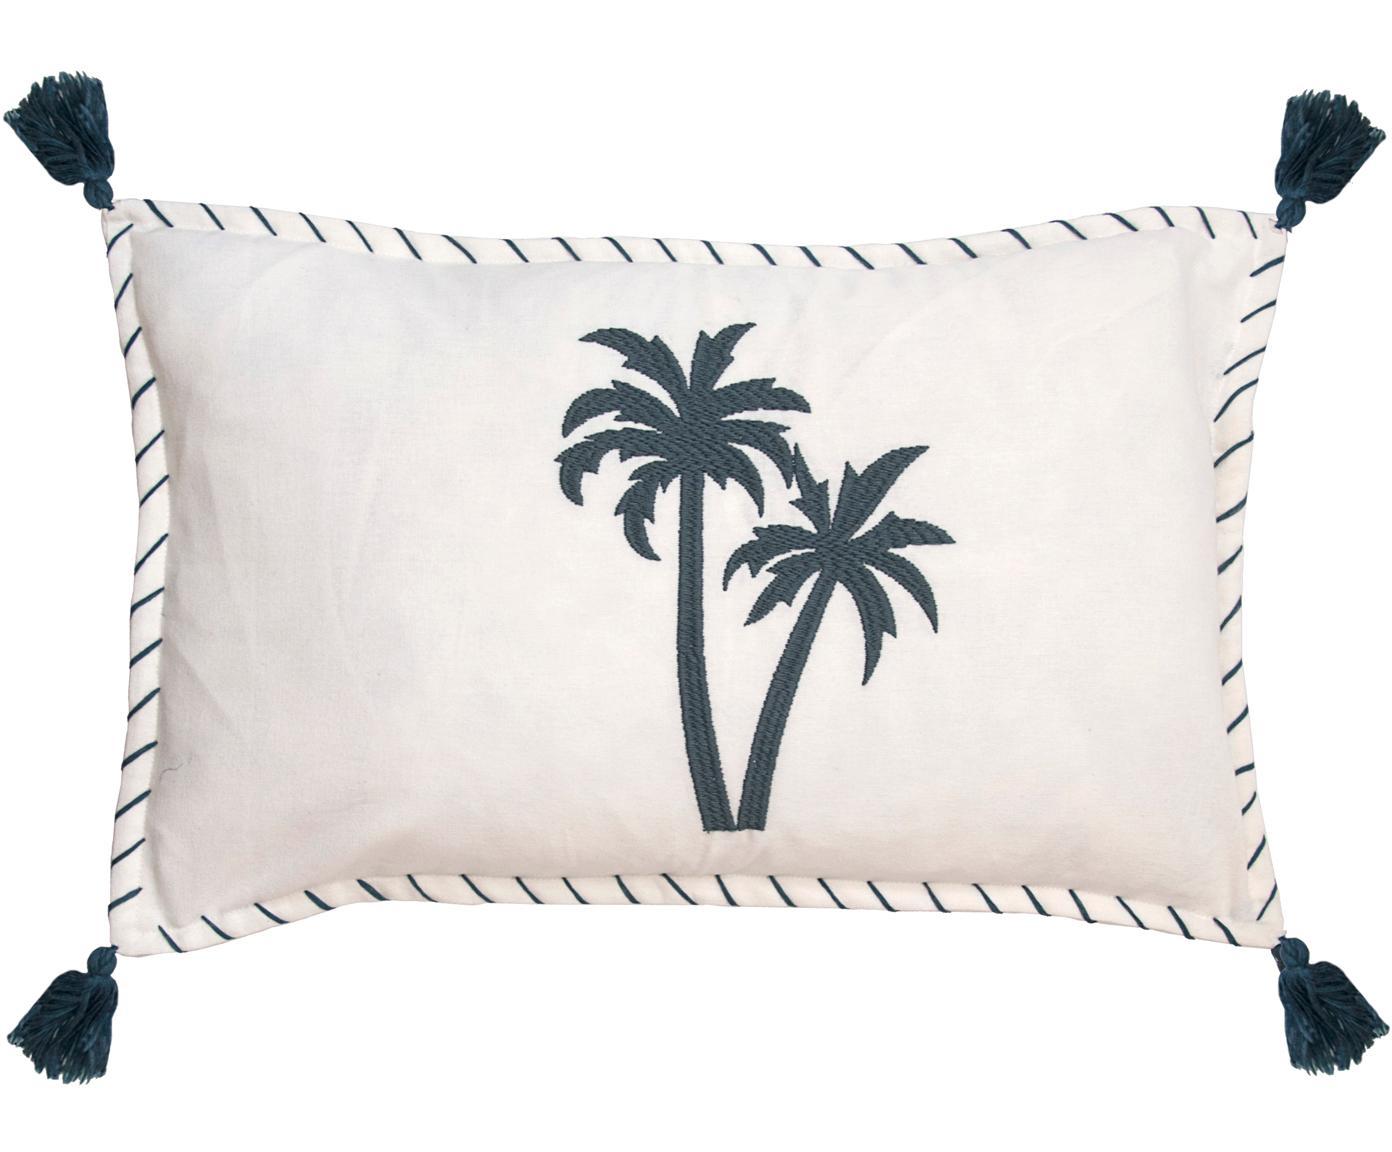 Haftowana poszewka na poduszkę z chwostami Bali, 100% bawełna, Biały, granatowy, S 30 x D 50 cm